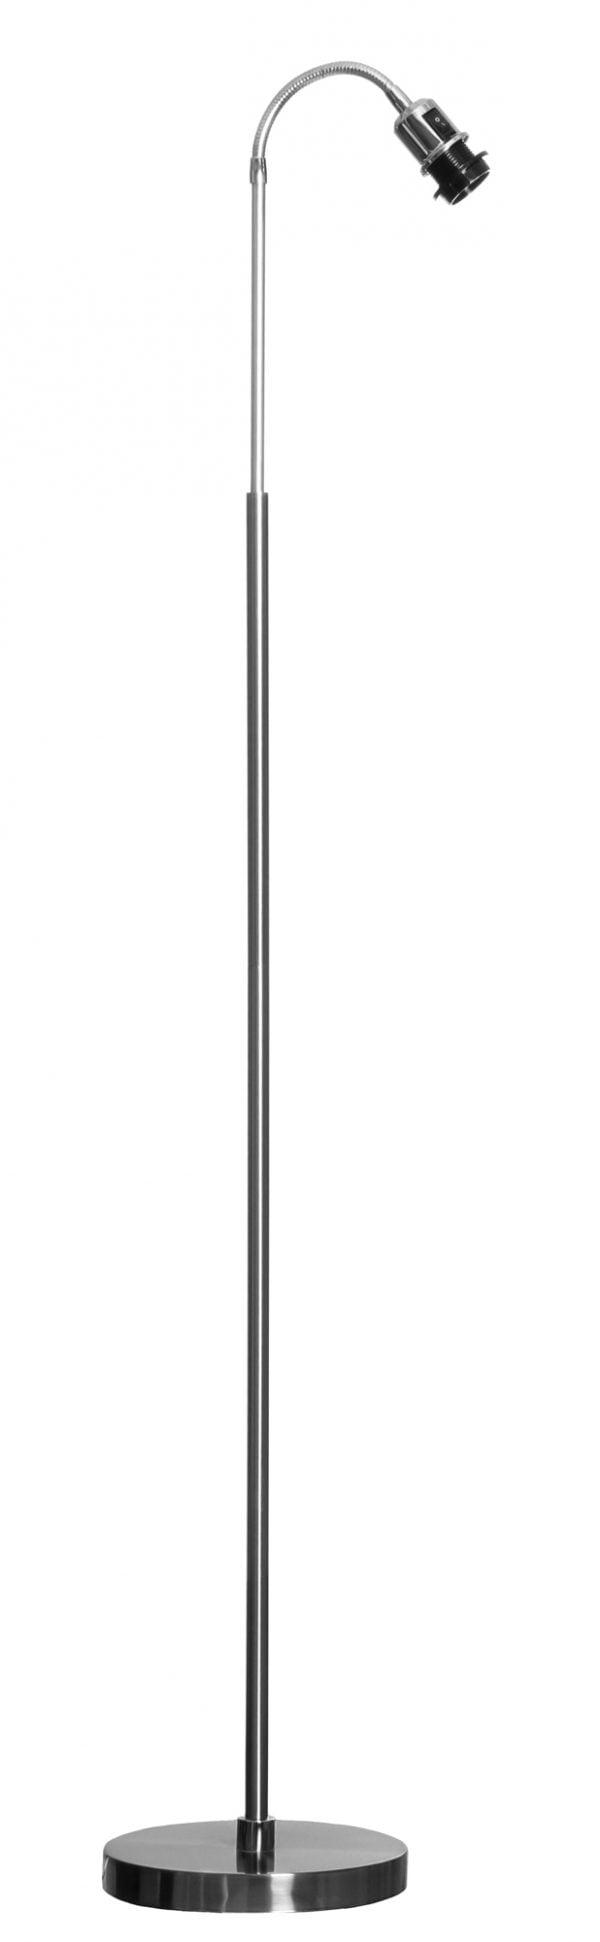 Harjatun teräksen värinen lattiavalaisin, jossa on suora runko ja taivuteltava varsi. Pohja on pyöreä.